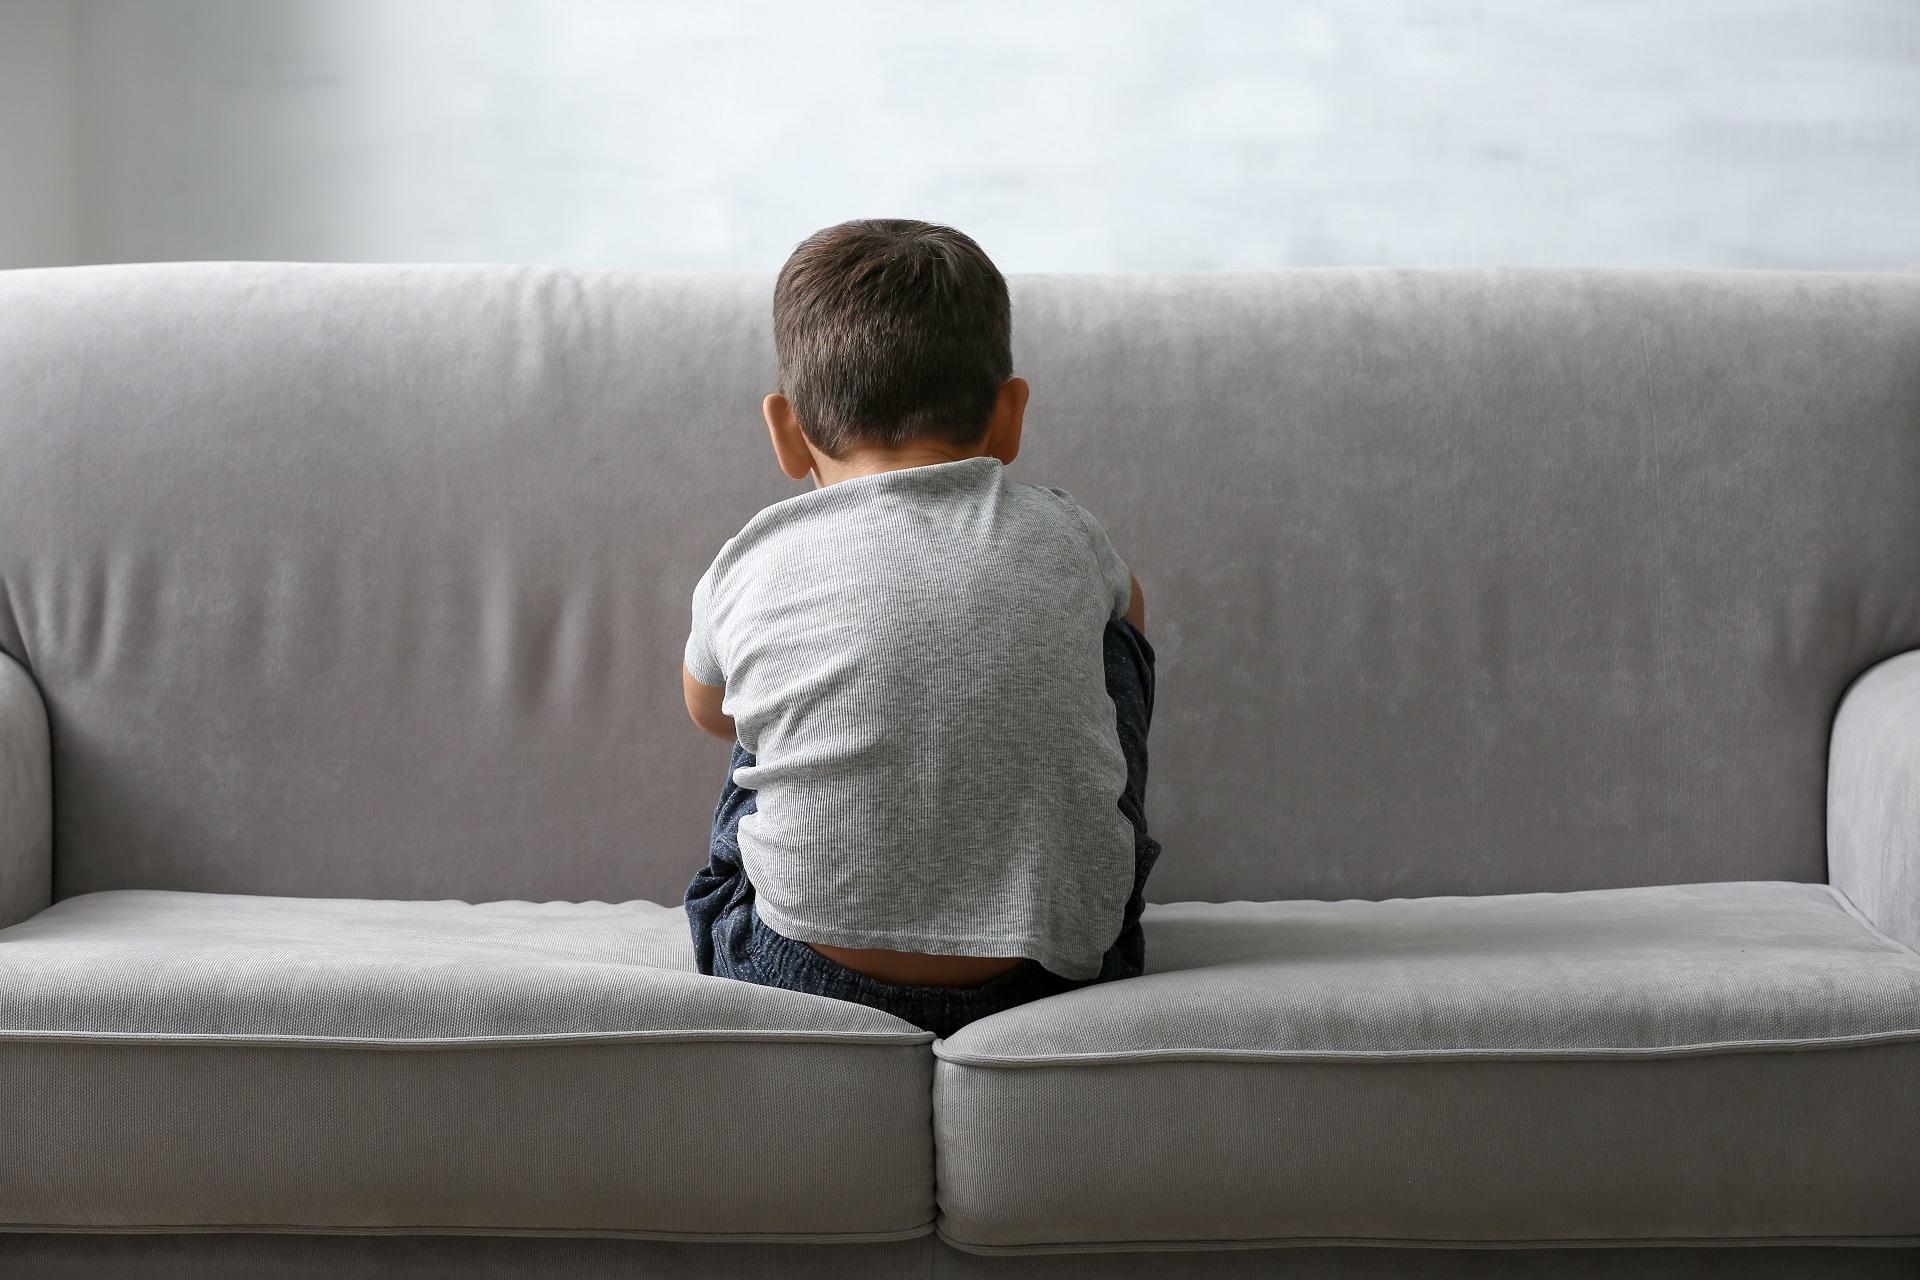 A criança não consegue se manifestar claramente e mostrar o que o produto está lhe causando. Foto: Bigstock.